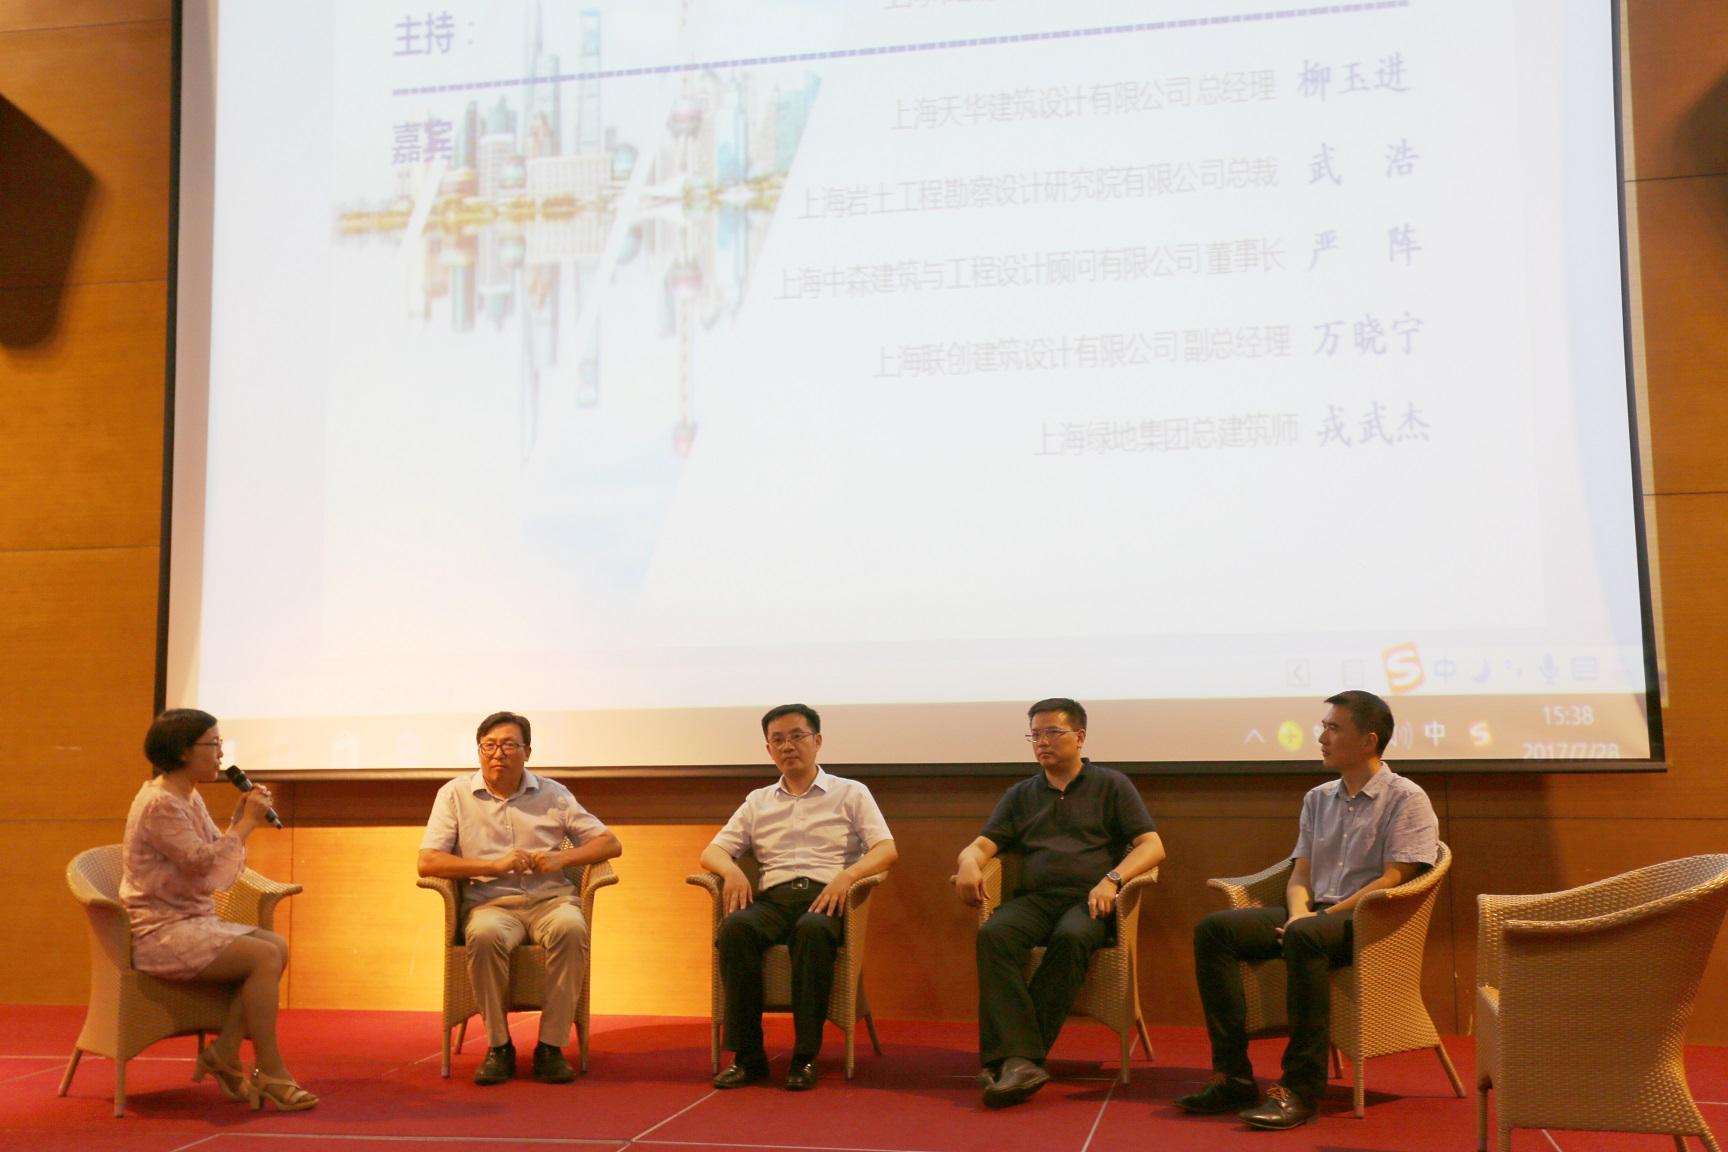 勘察设计行业发展论坛嘉宾对谈环节,现场对话交流环节